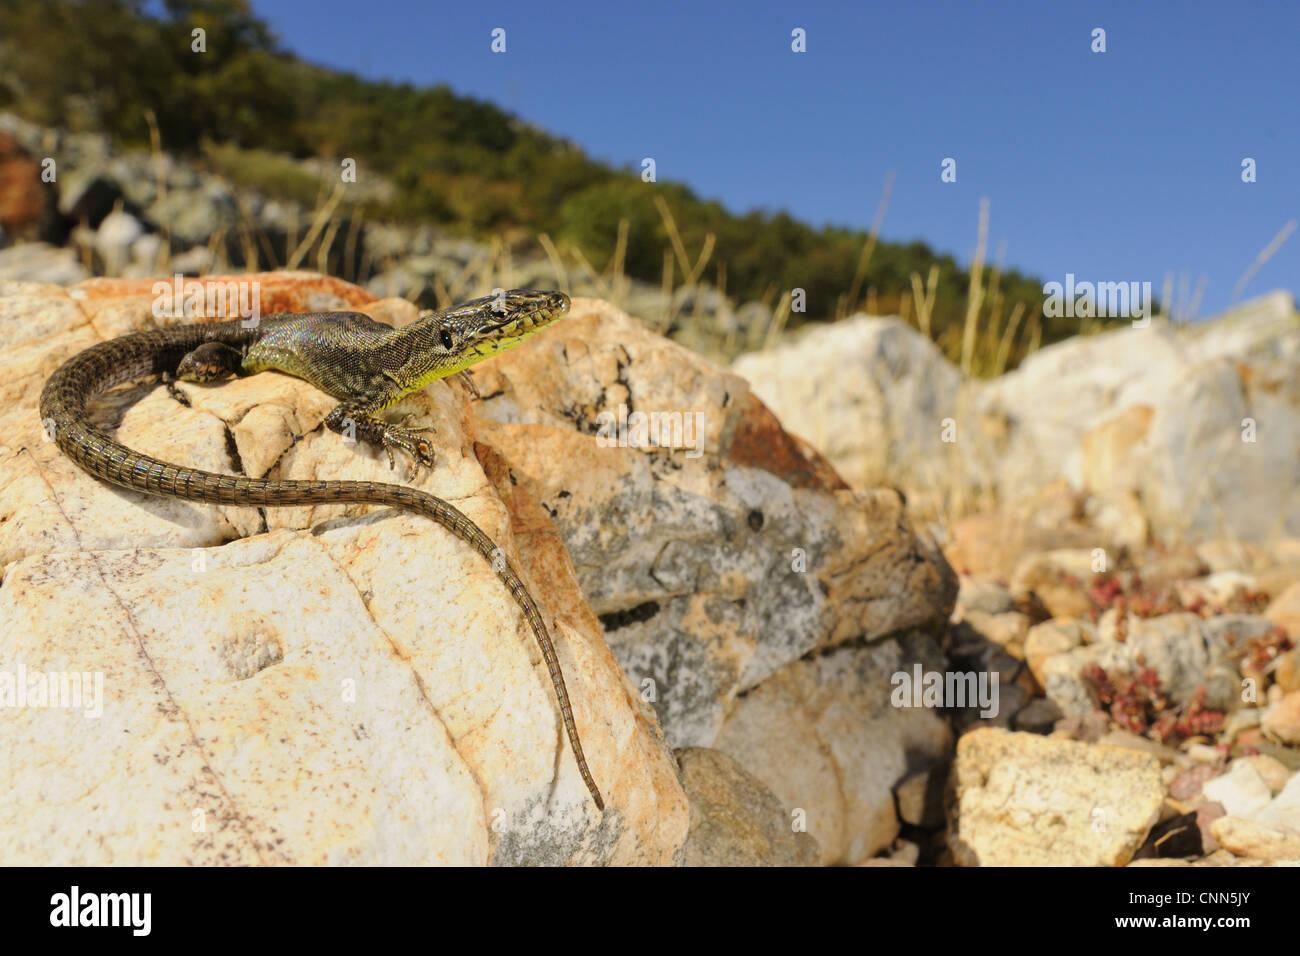 Peña de Francia Rock Lizard (Iberolacerta martinezricai) adulto, crogiolarsi sulla roccia in habitat, Spagna, Immagini Stock